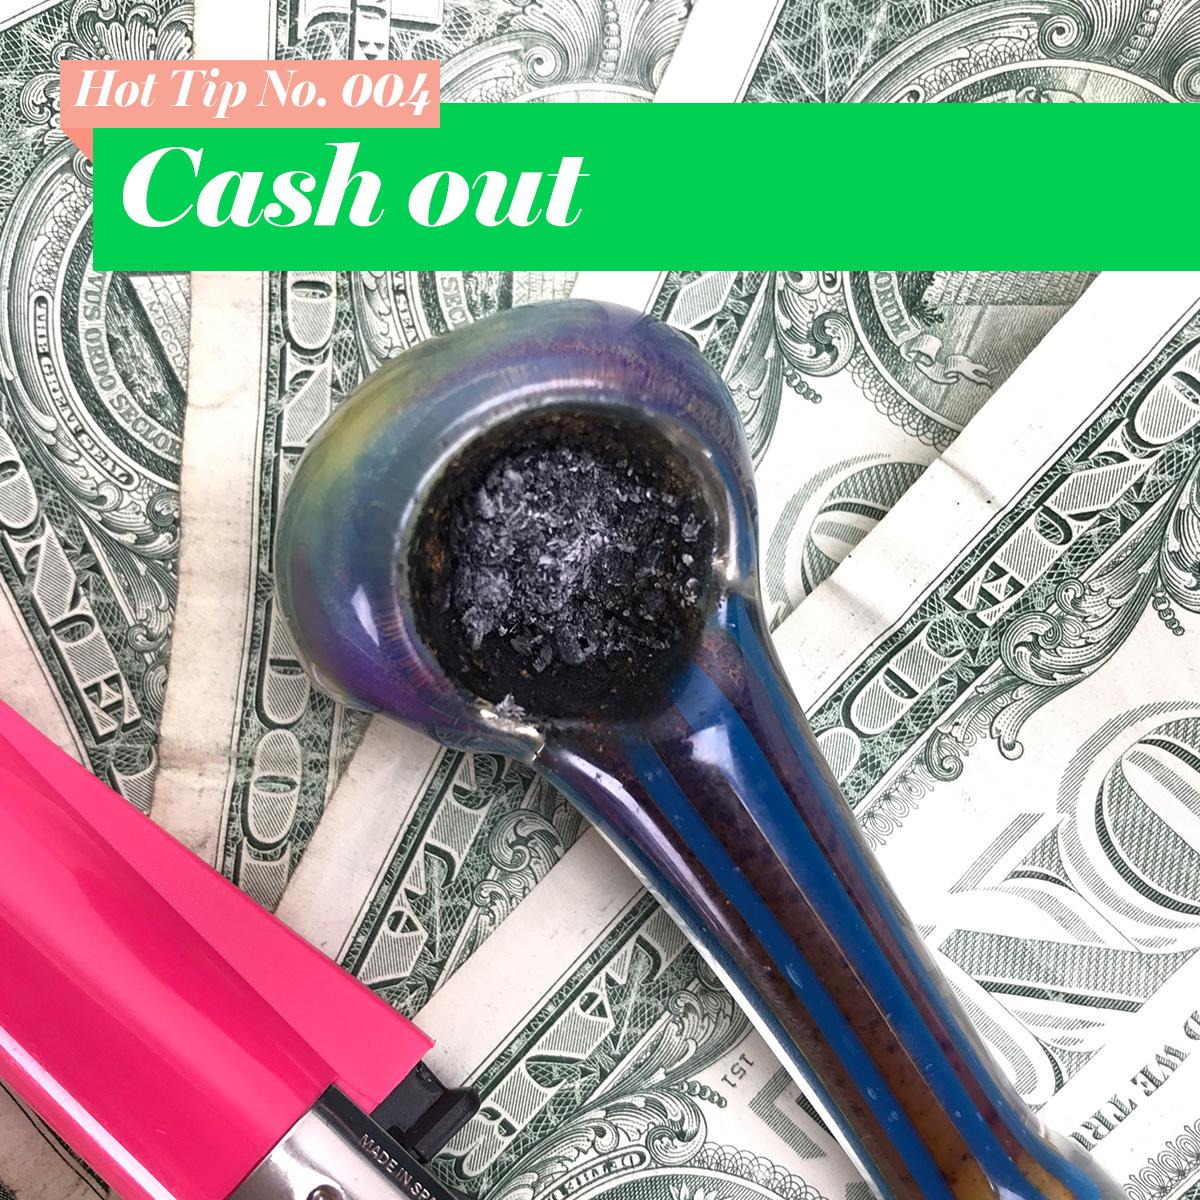 004_Cashout.jpg